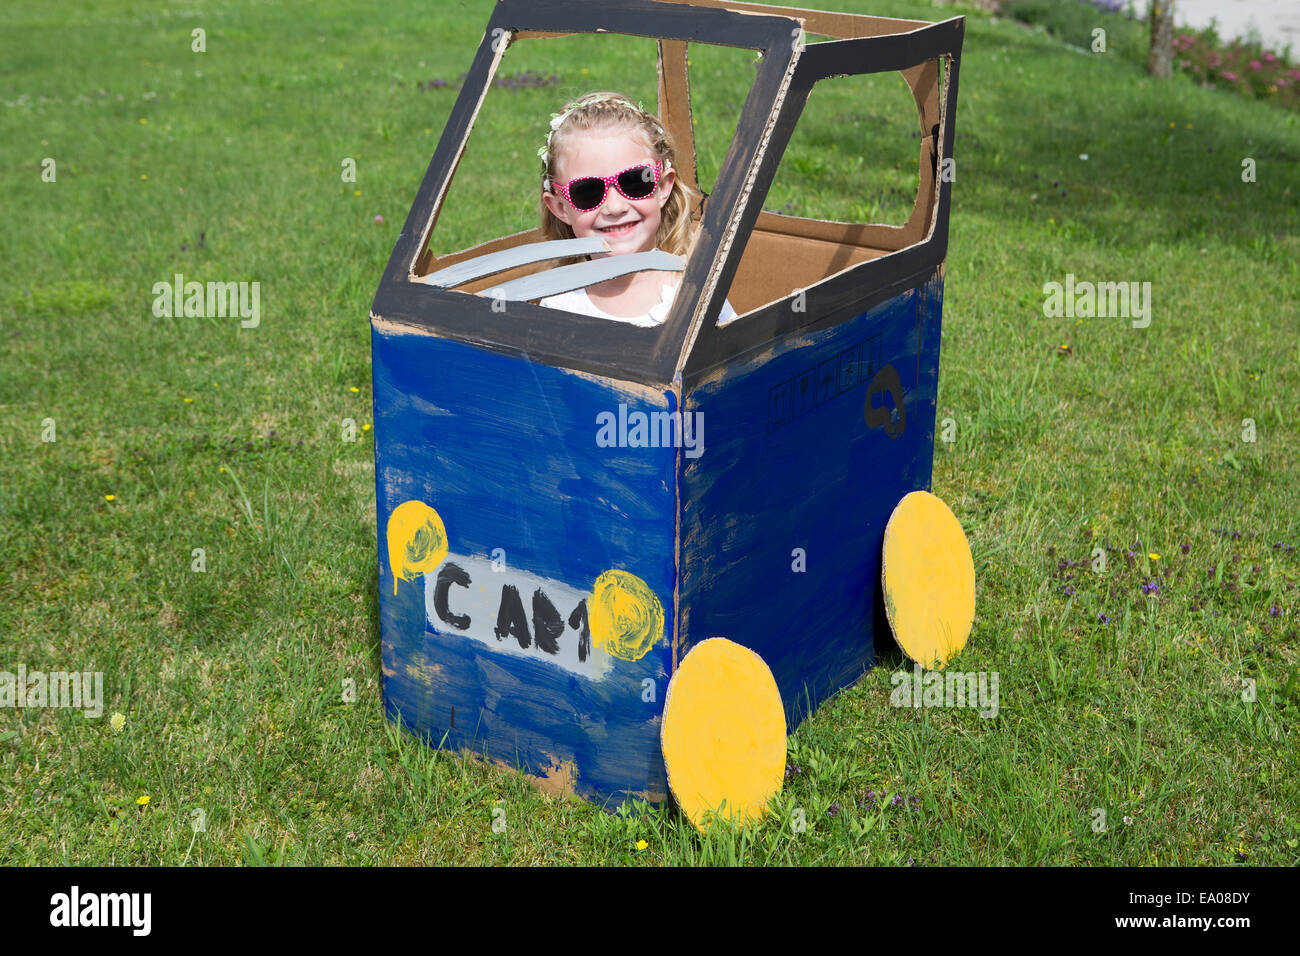 Niña jugando en casero coche de juguete Foto de stock